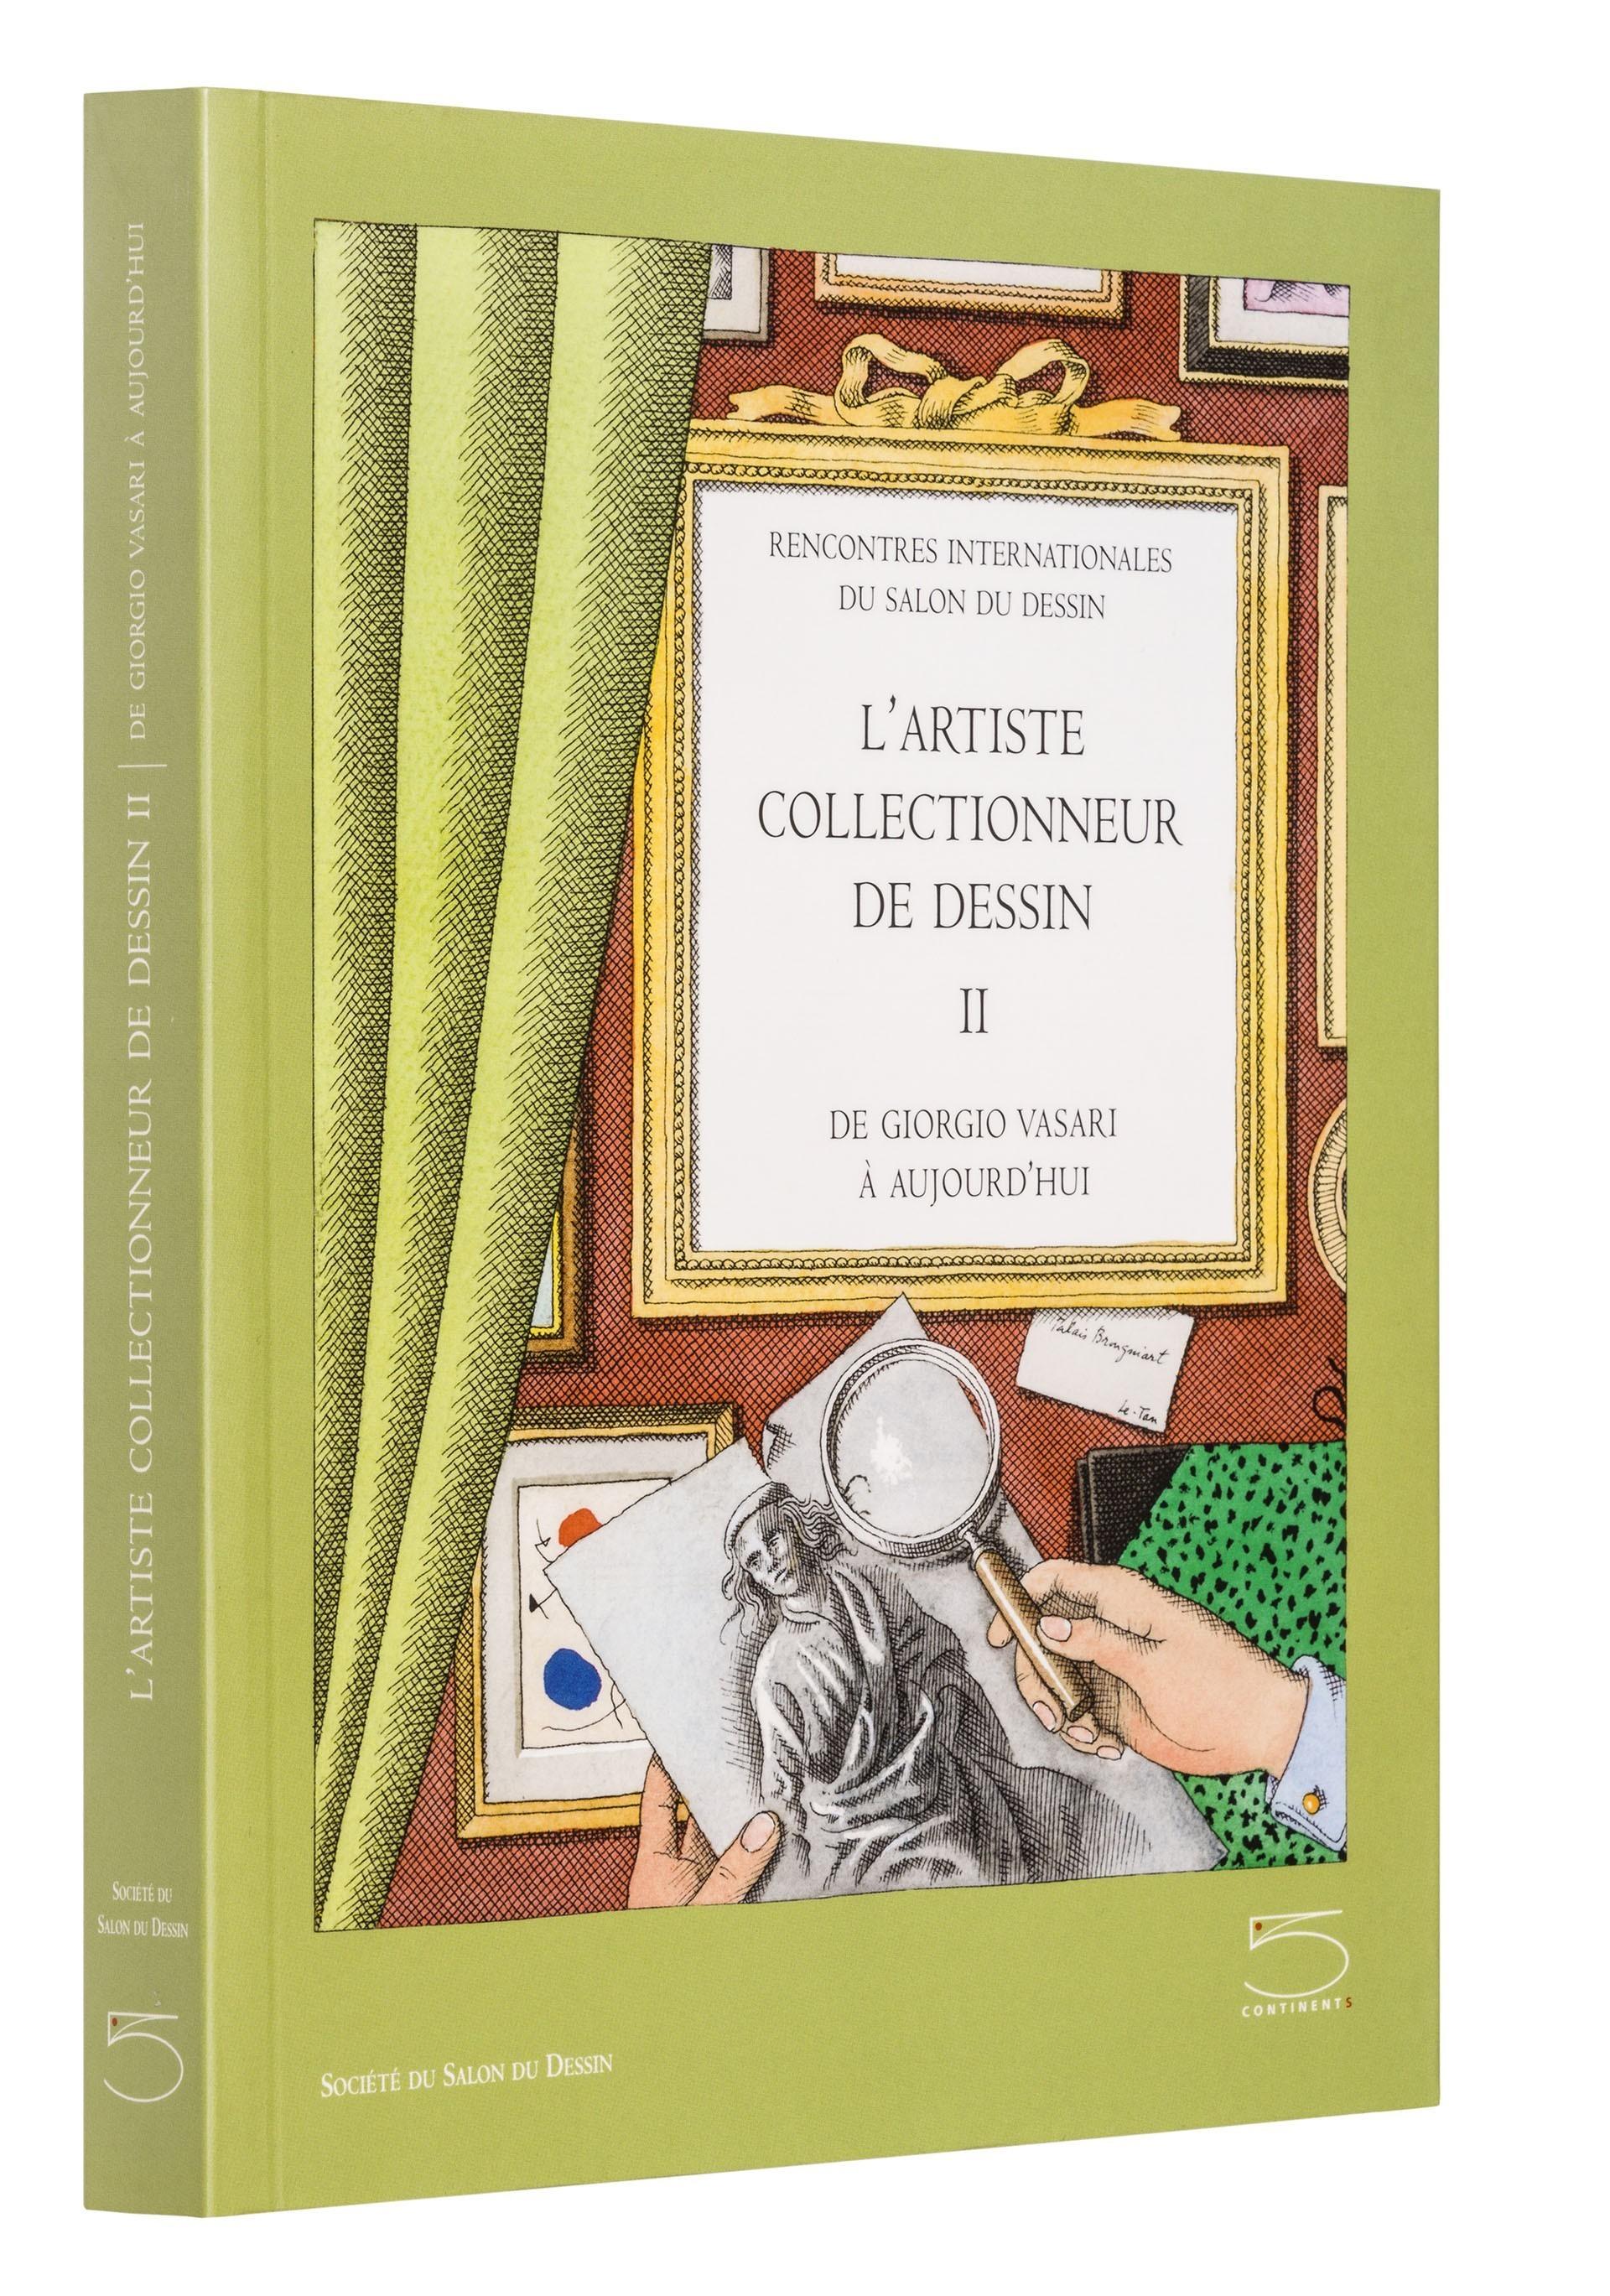 L'artiste collectionneur de dessin - II